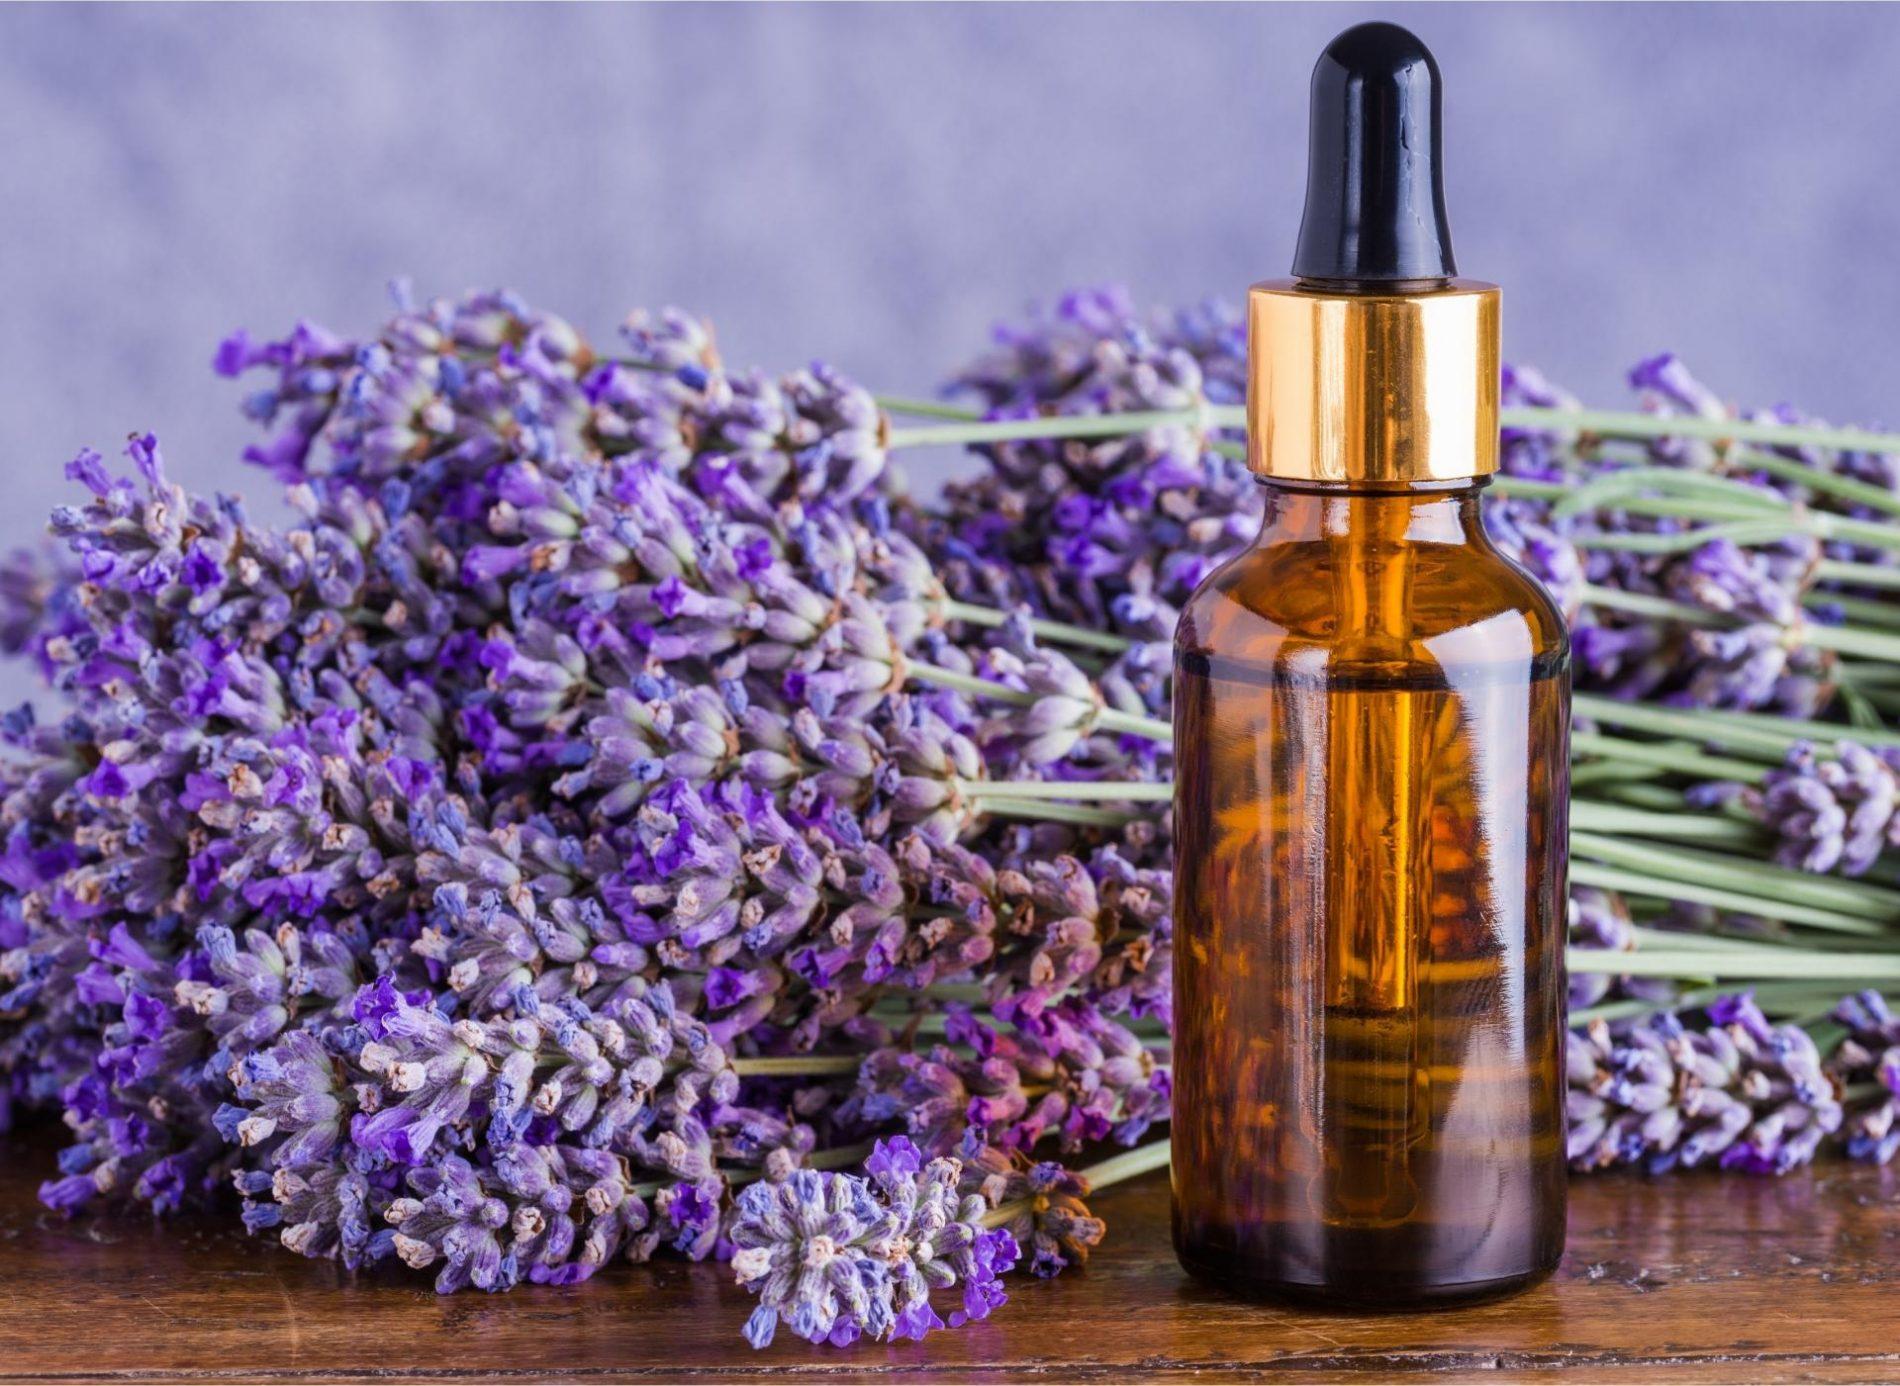 Rast izvoza ljekovitog bilja, eteričnih ulja, šumskih plodova i meda